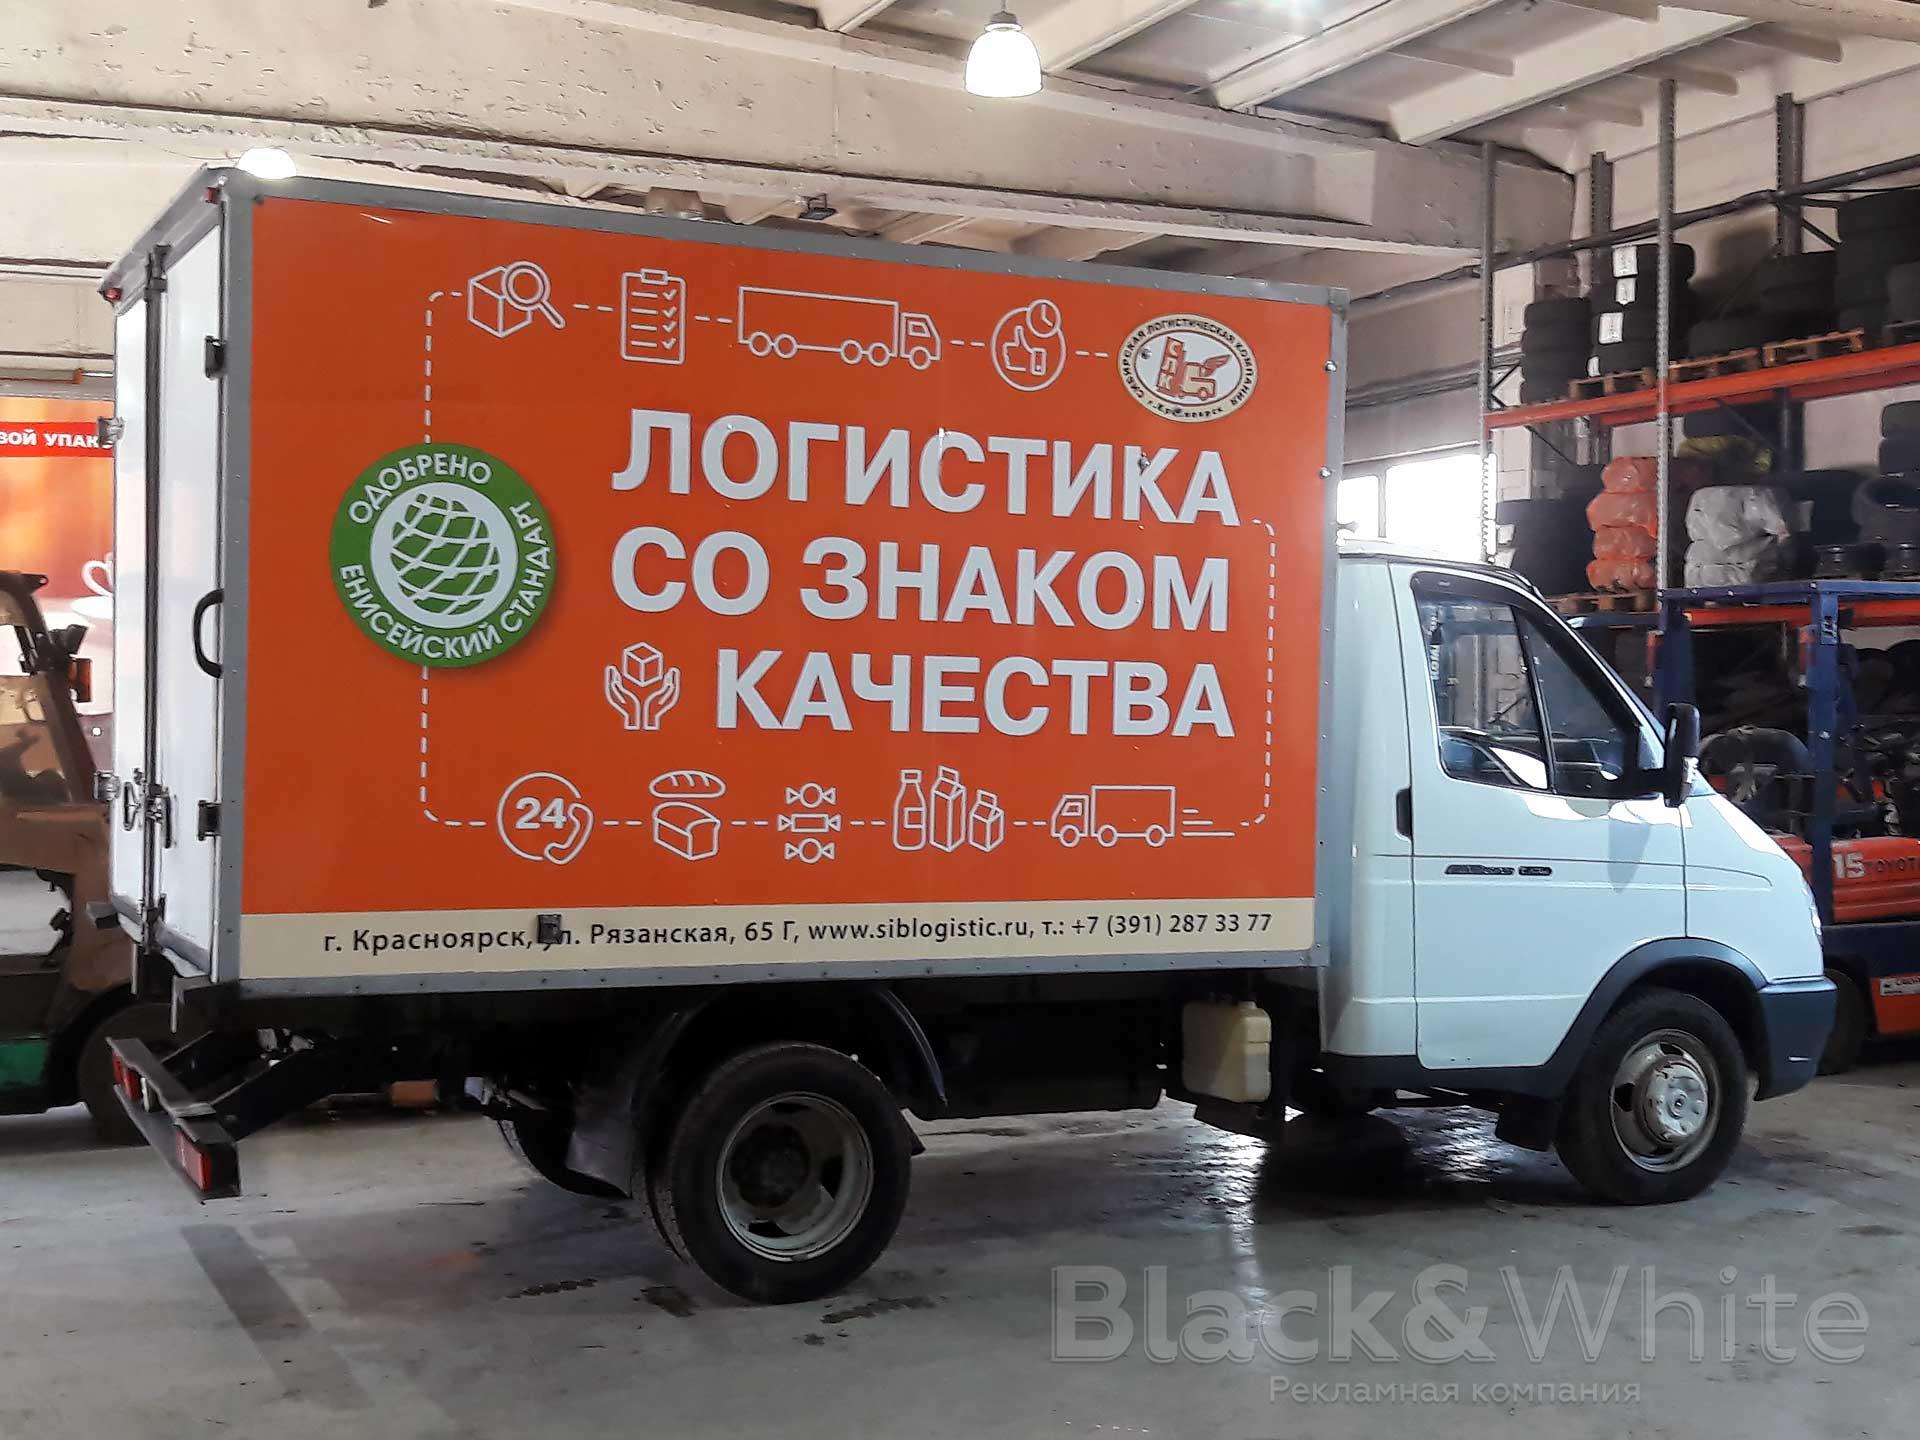 Брендирование-грузовых-автомобилей-виниловой-плёнкой-в-красноярске...jpg